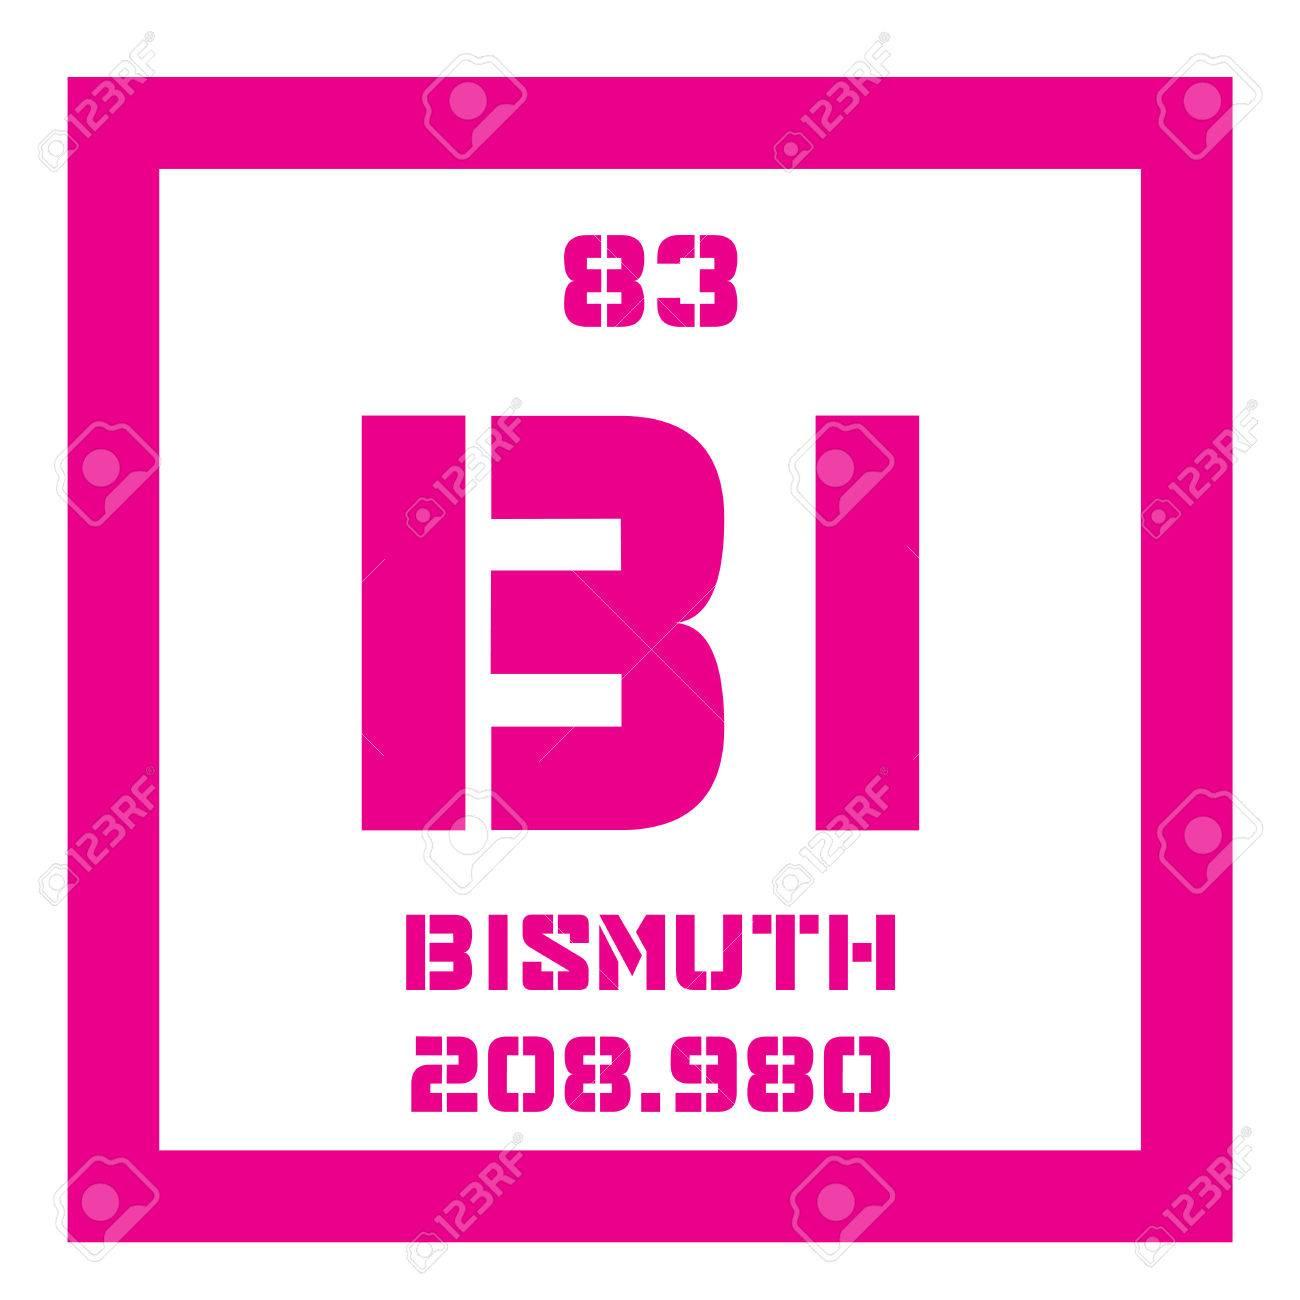 Elemento qumico de bismuto el bismuto es el elemento ms natural elemento qumico de bismuto el bismuto es el elemento ms natural diamagntico icono de urtaz Image collections